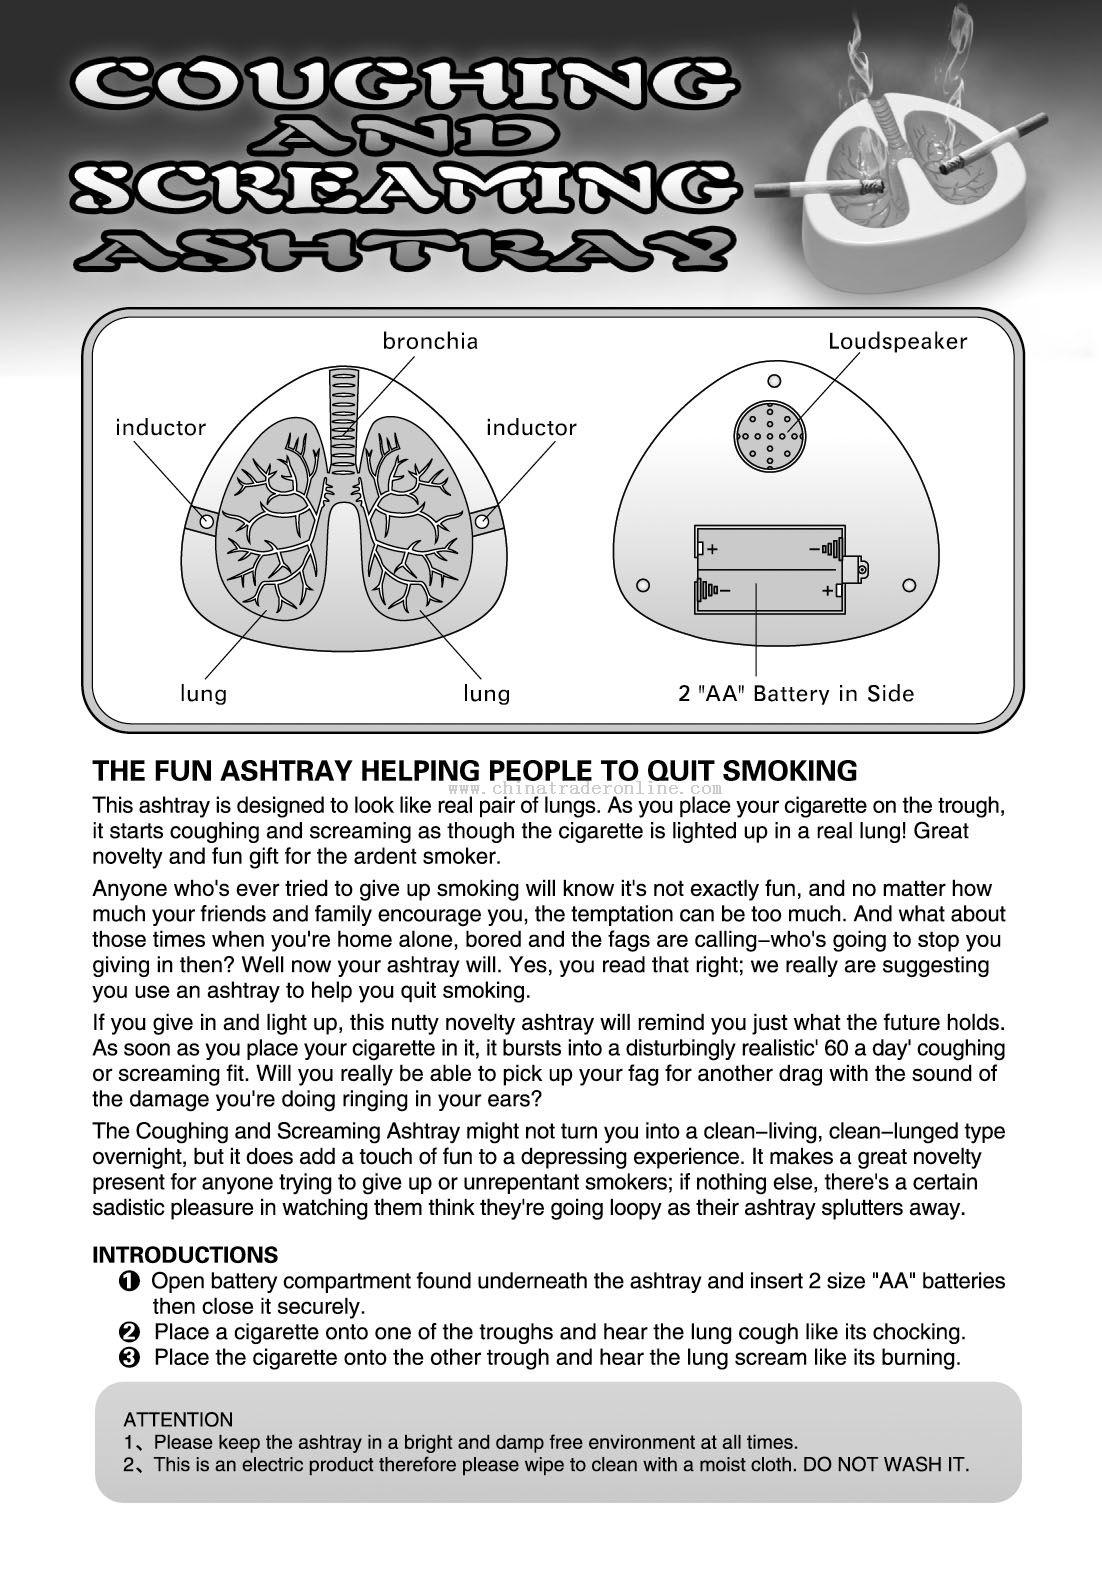 quit smoking ashtray